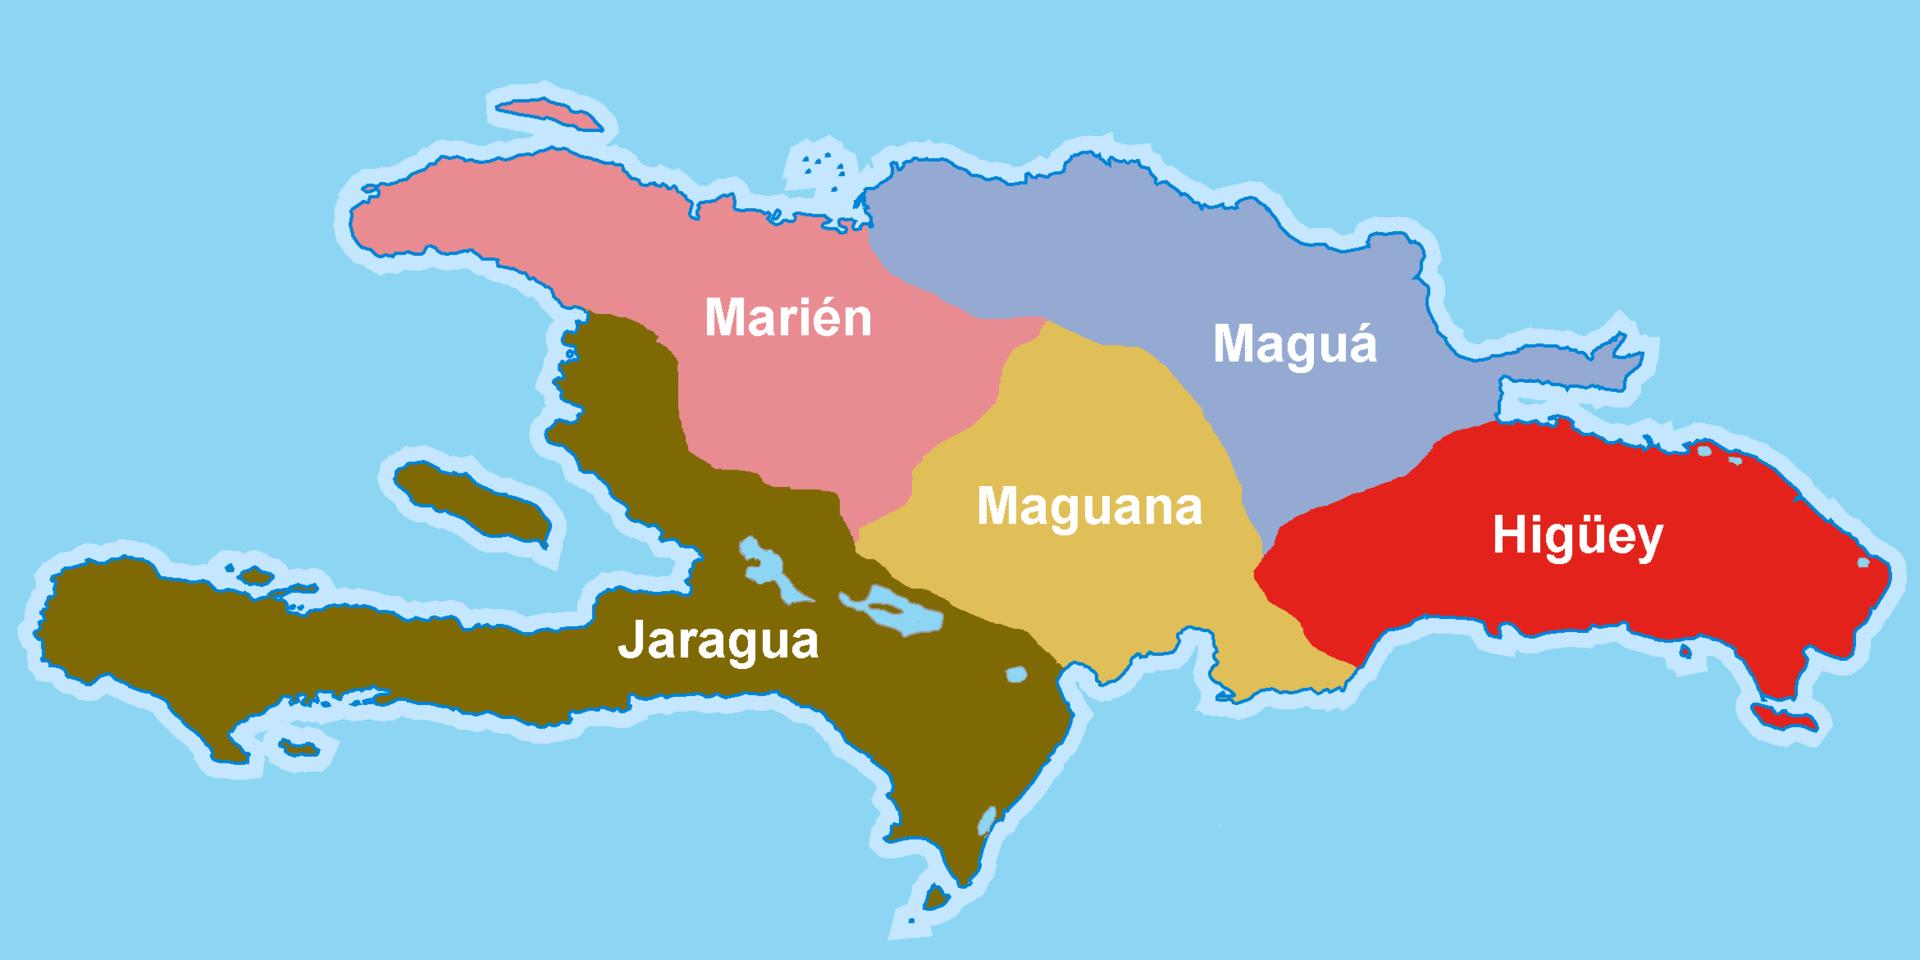 Le fonctionnement de l'île de Kiskeya en Caciques du temps où les indigènes étaient les habitants du territoire.